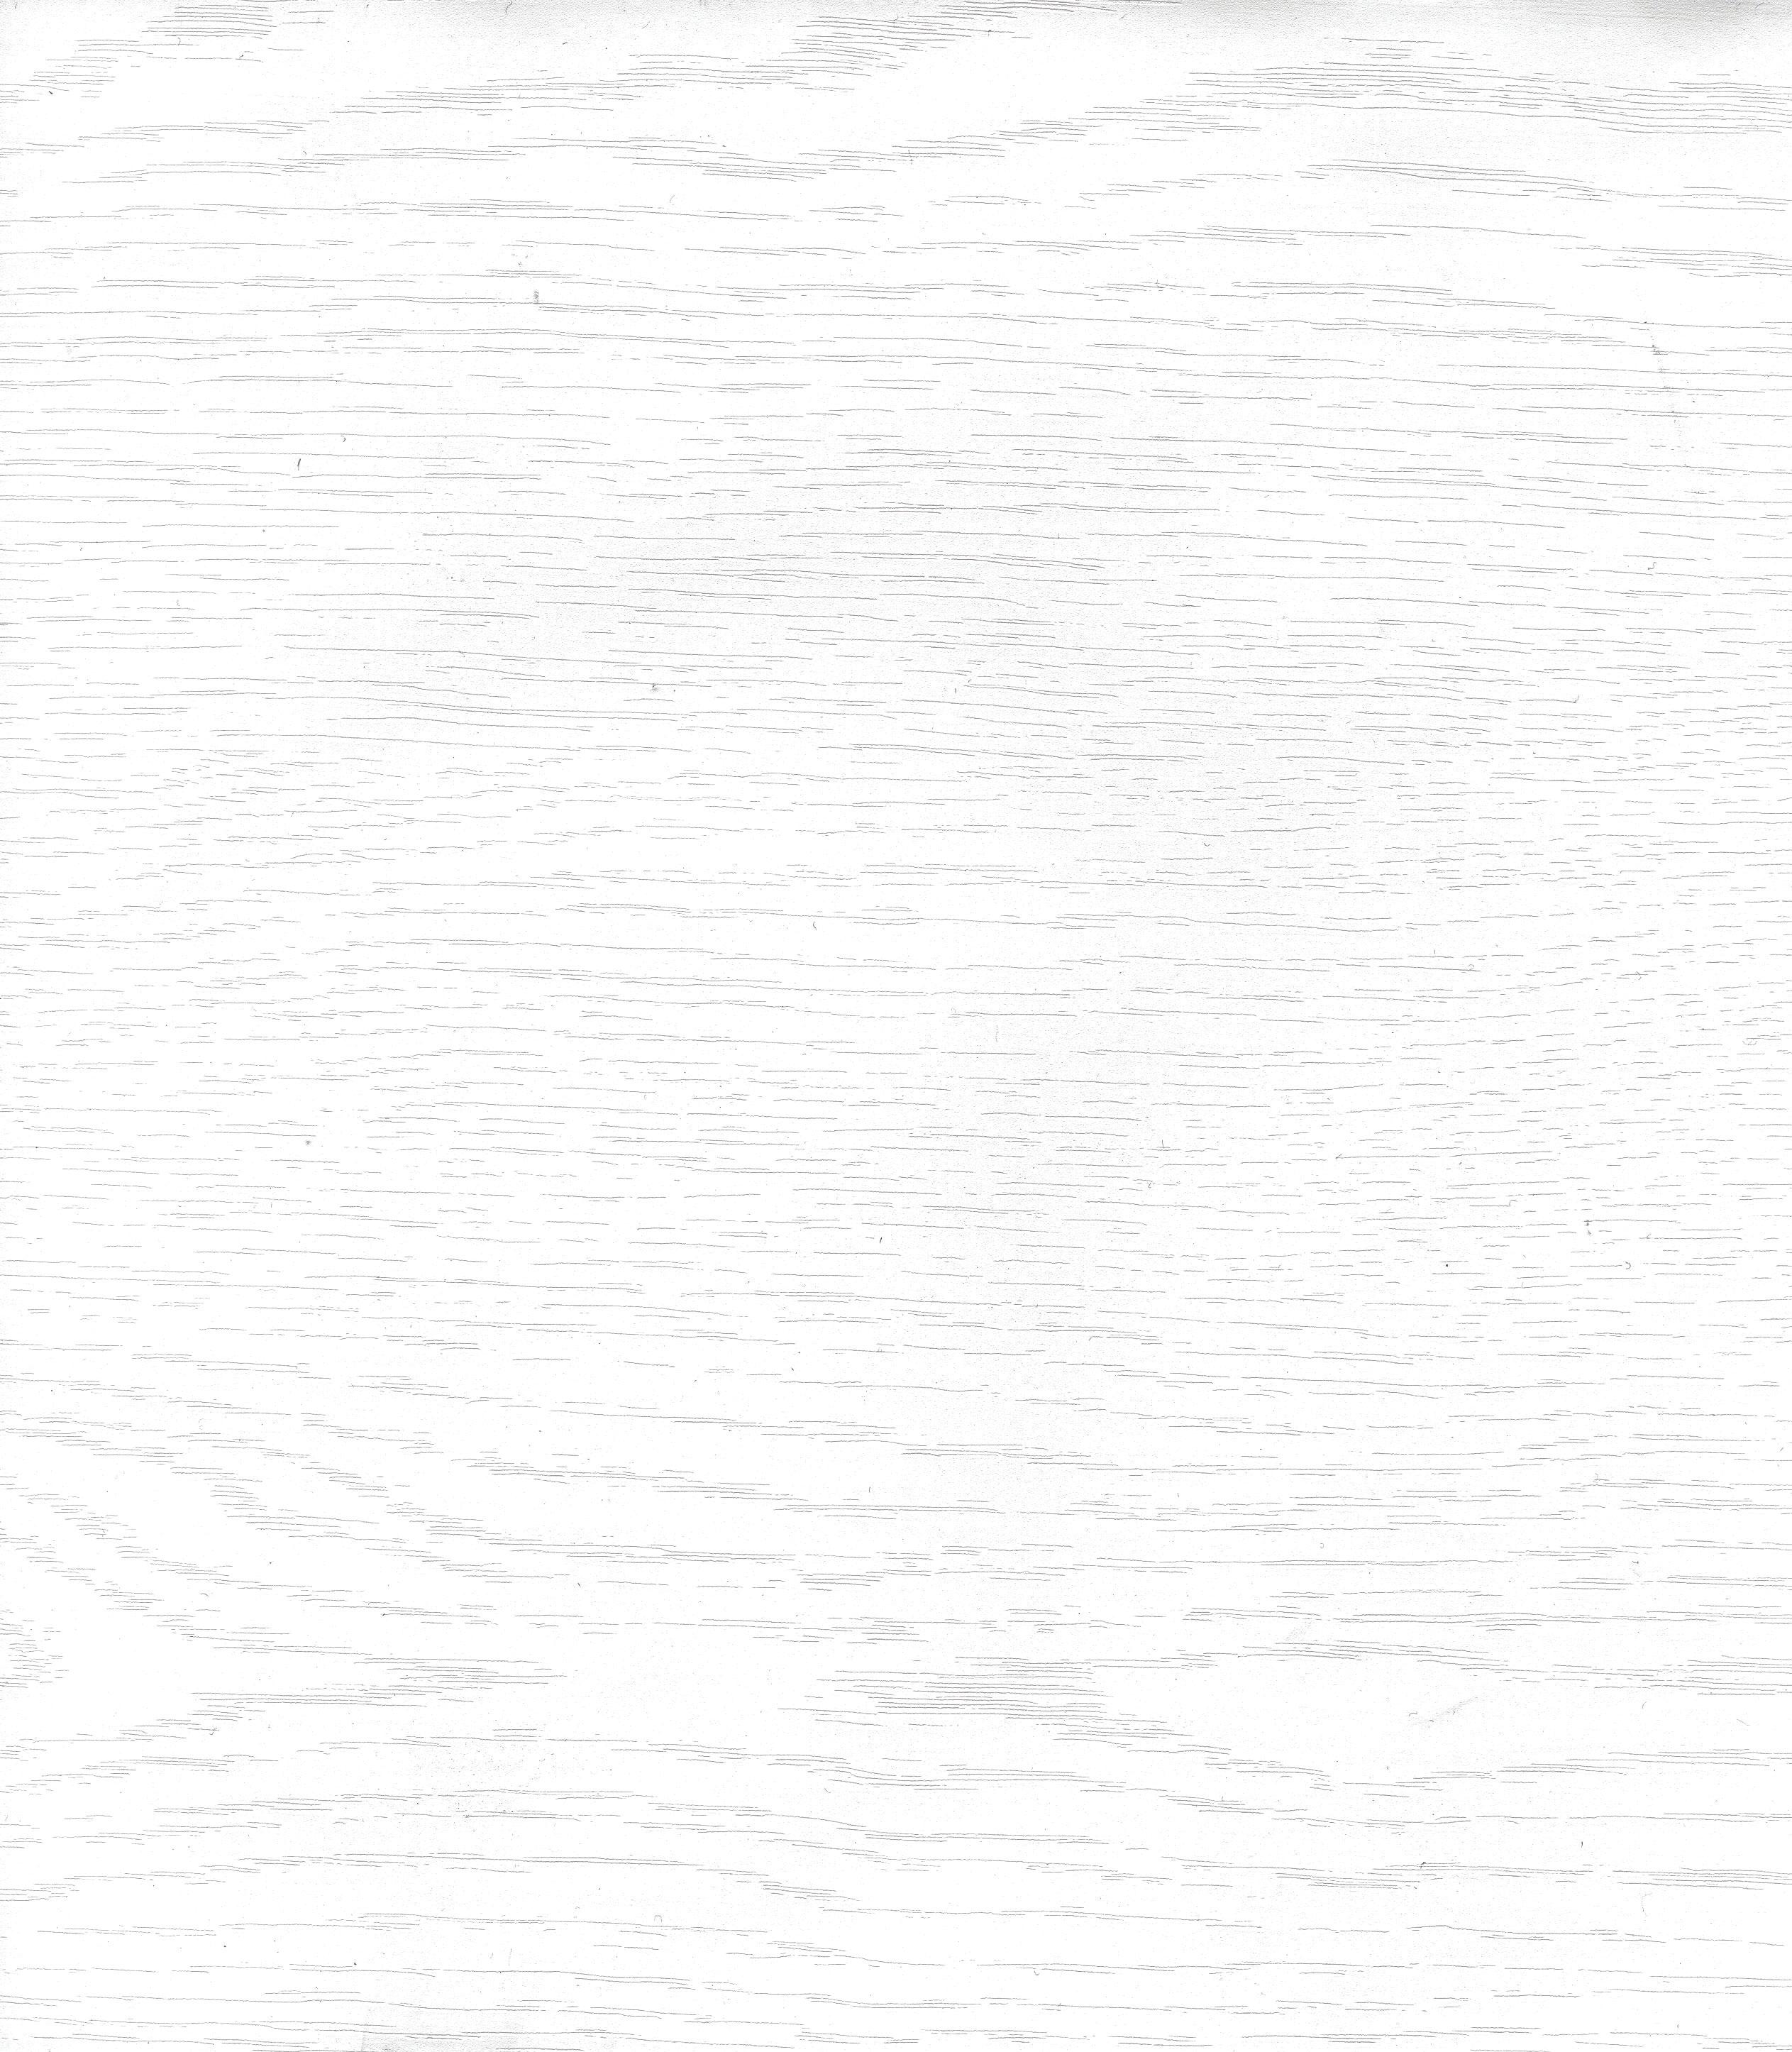 linen effect textured wallpaper